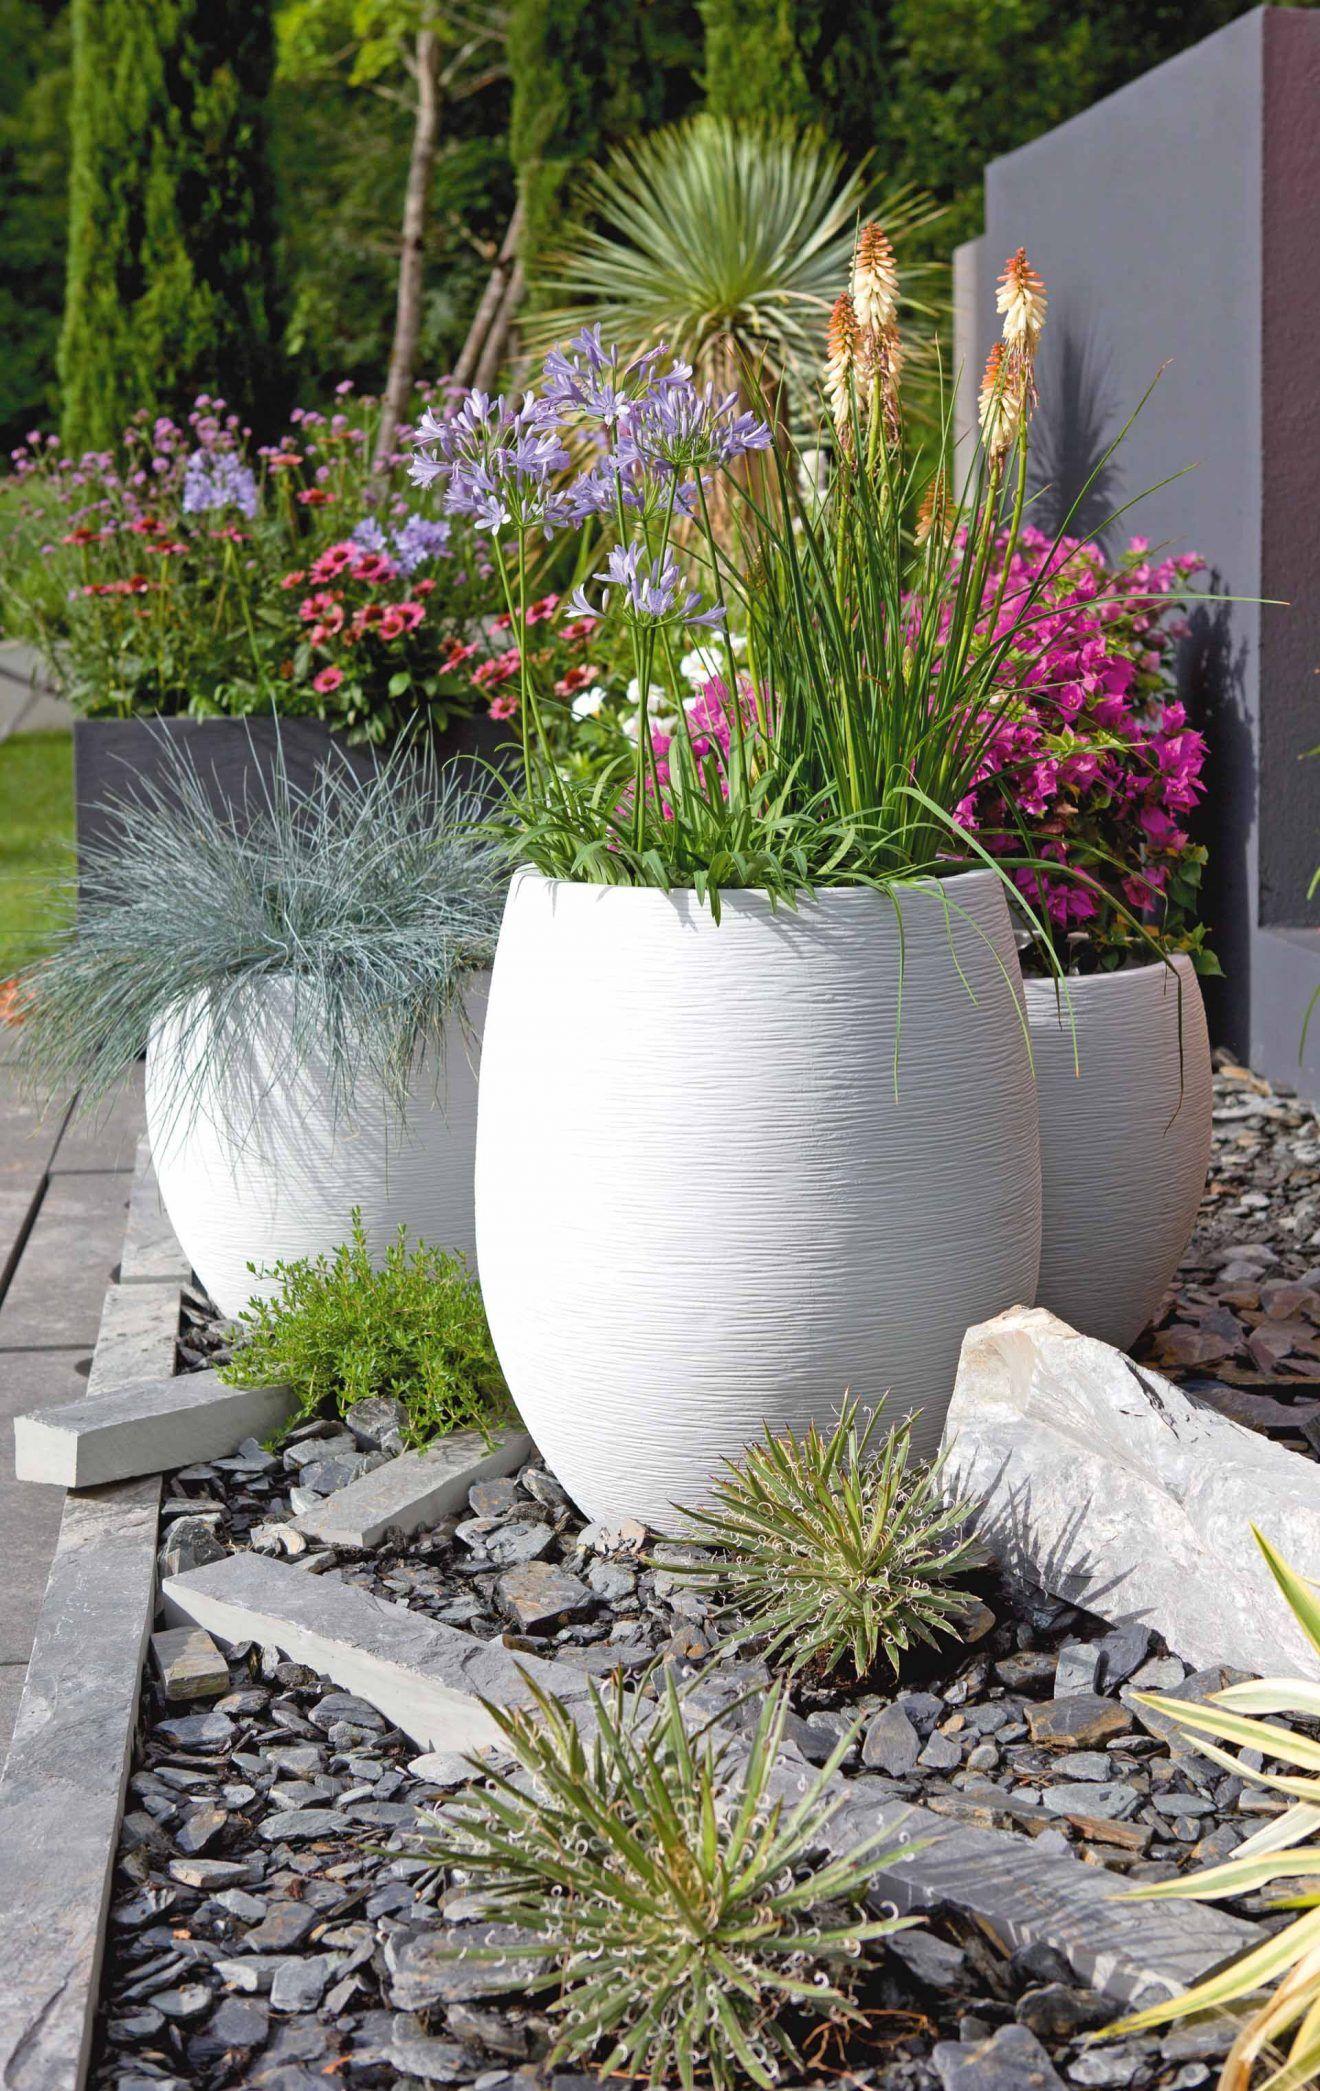 Les Pots Blancs Mettent En Avant La Couleur Vive Des Plantes ... concernant Pot Deco Jardin Exterieur